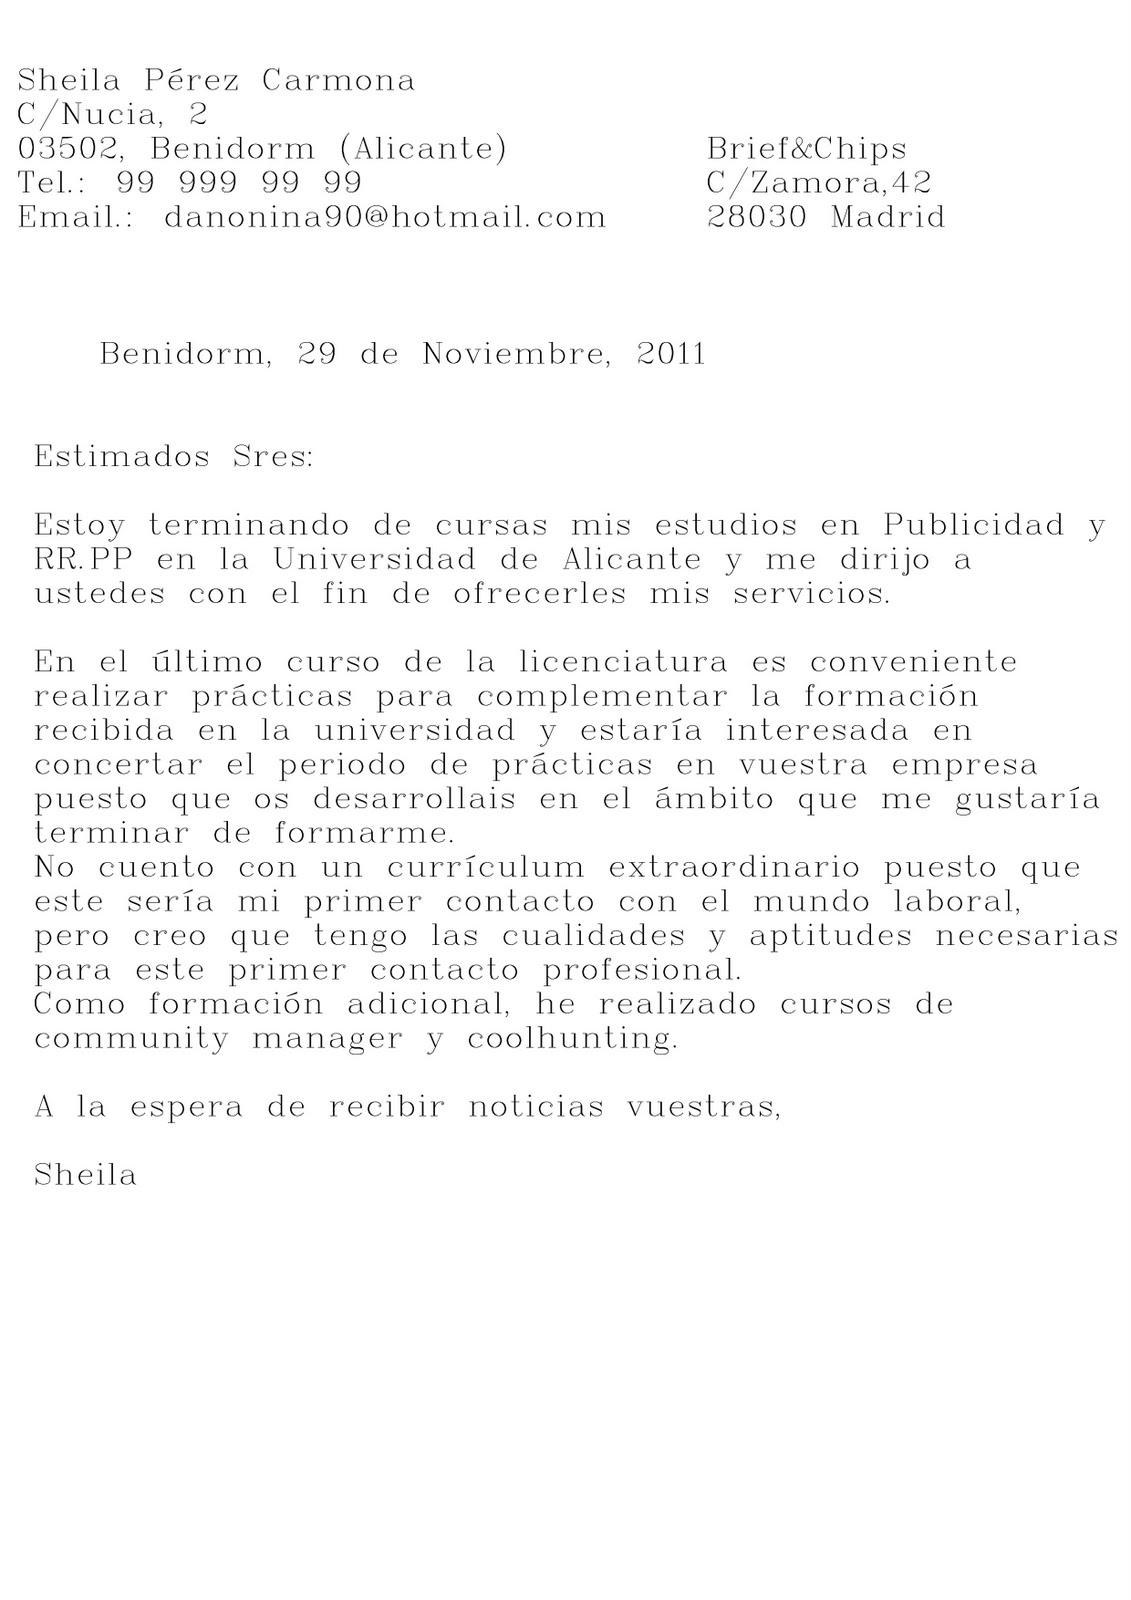 COMUNICACIÓN Y MERCADO DE TRABAJO: CARTA DE PRESENTACIÓN